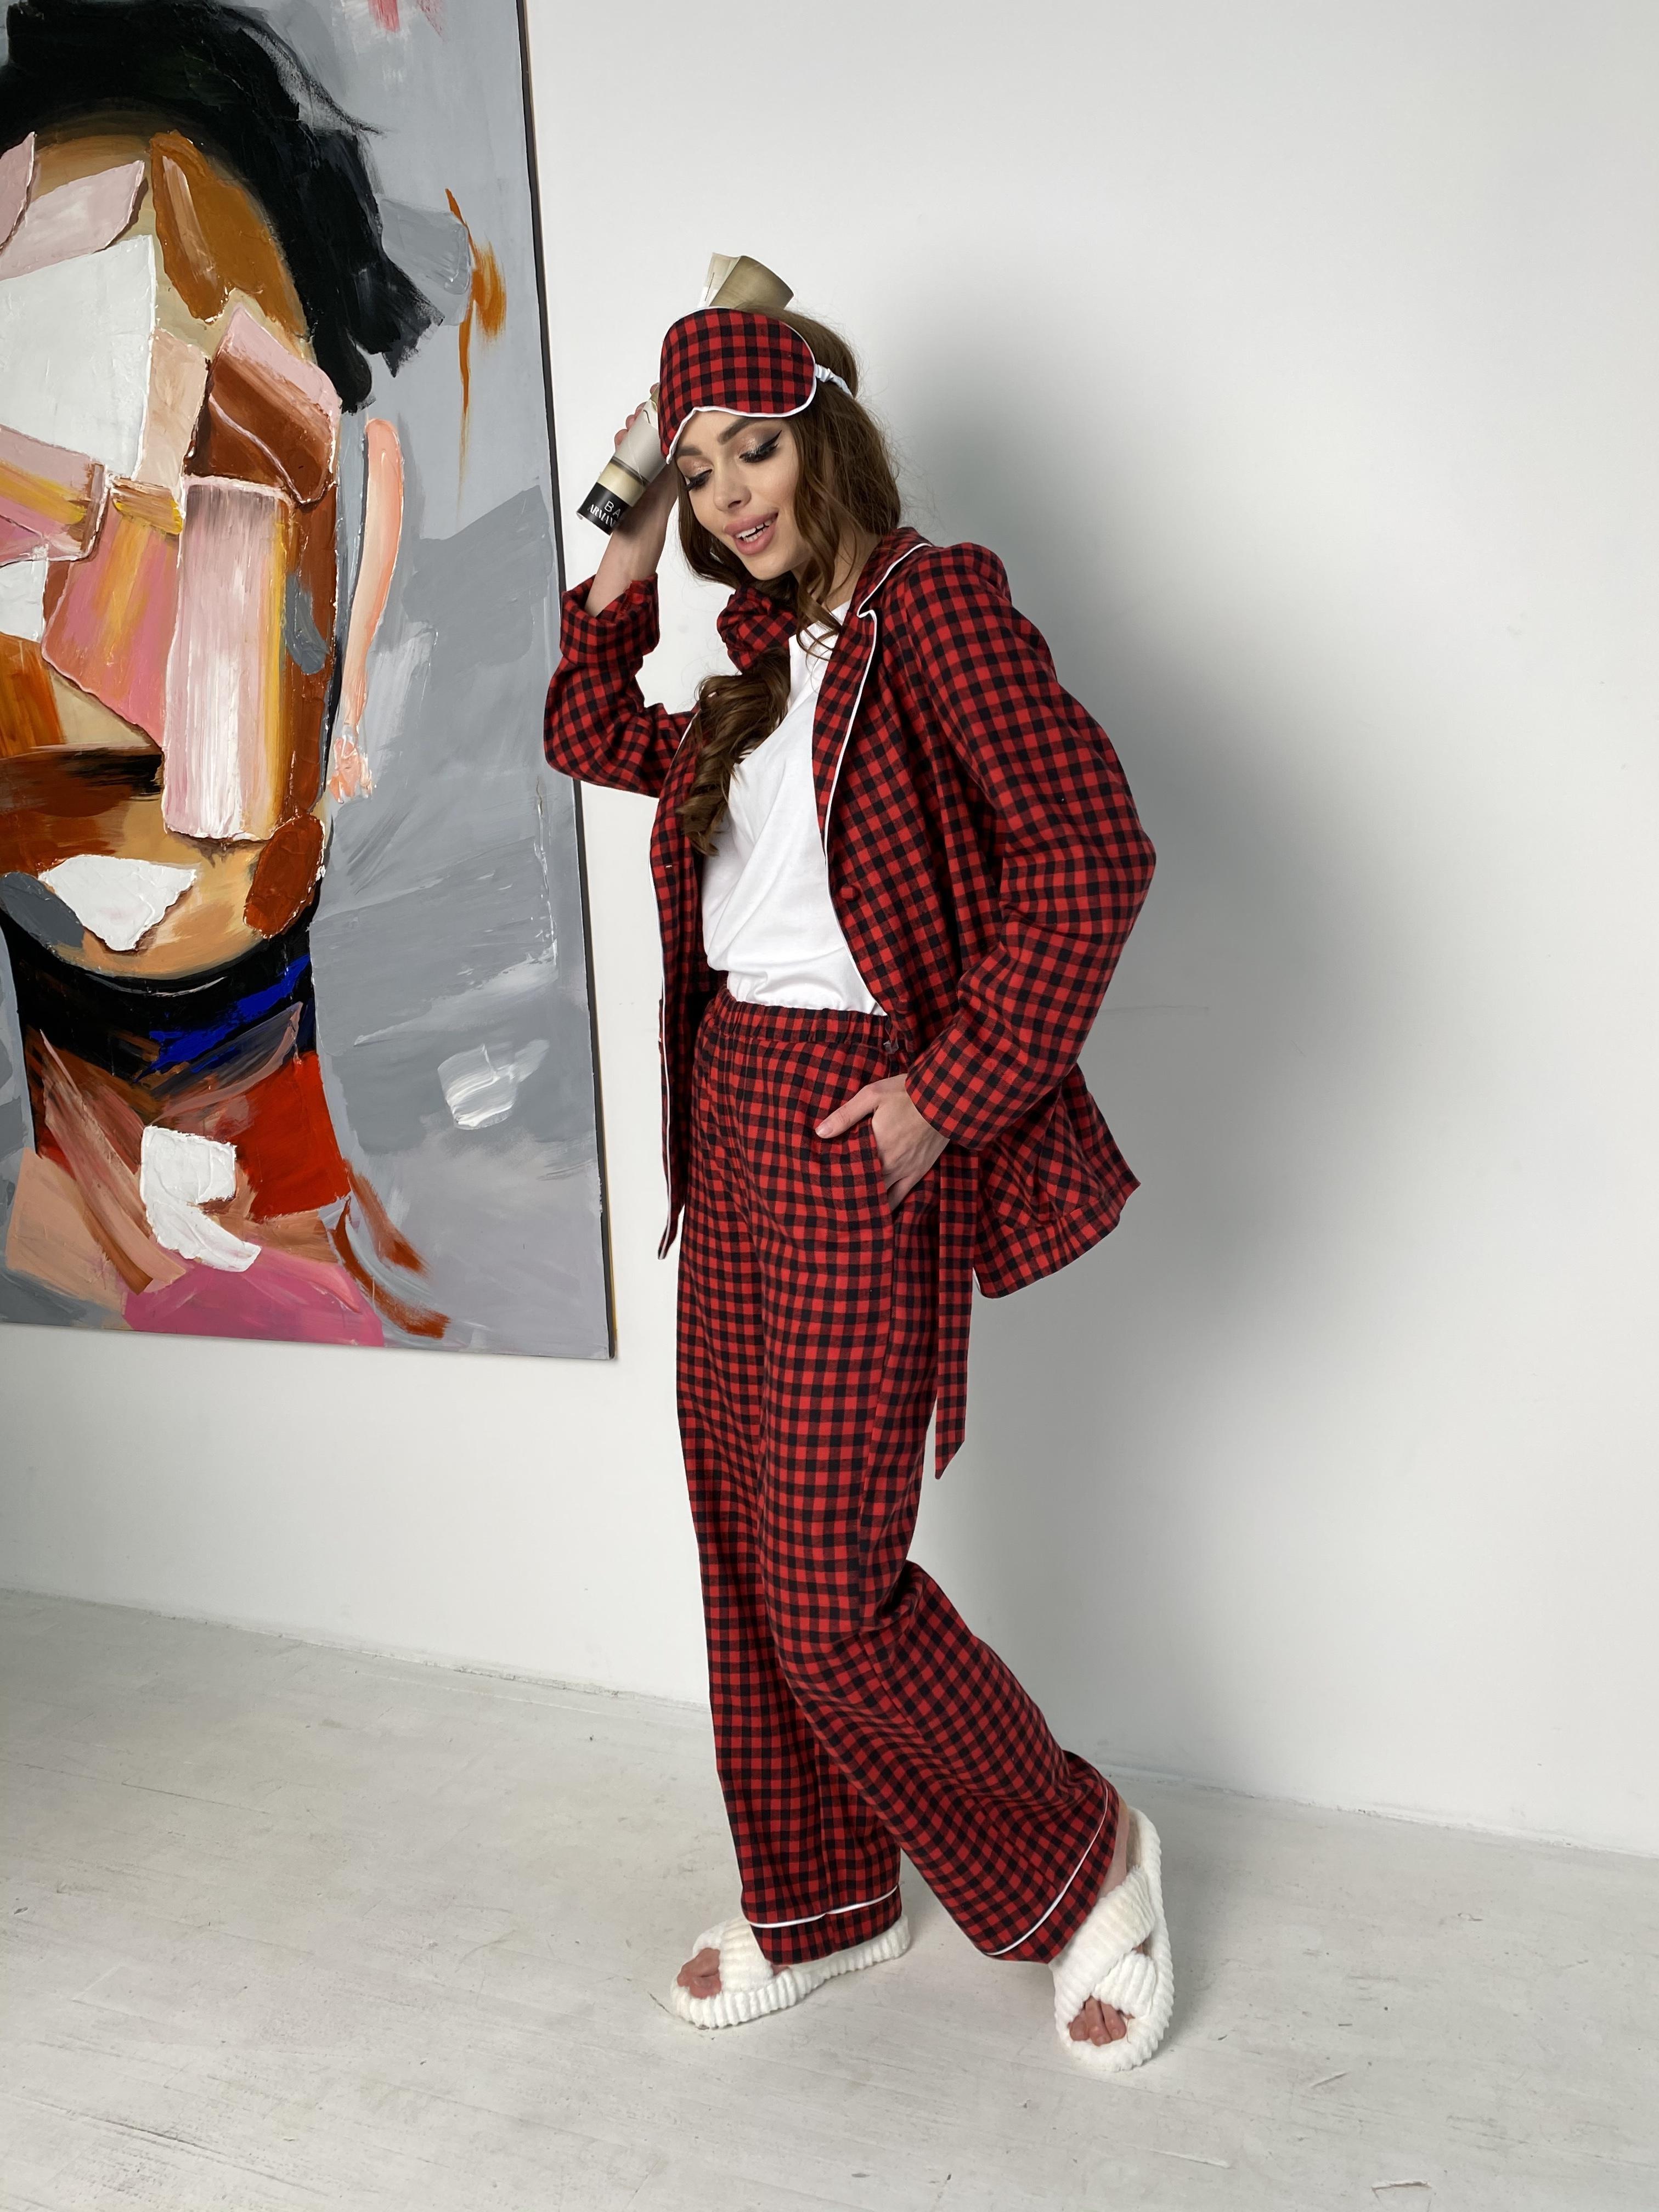 Тедди пижама в клетку из коттона(жакет,футболка,брюки,маска,резинка) 10384 АРТ. 46826 Цвет: Красный/черный - фото 1, интернет магазин tm-modus.ru